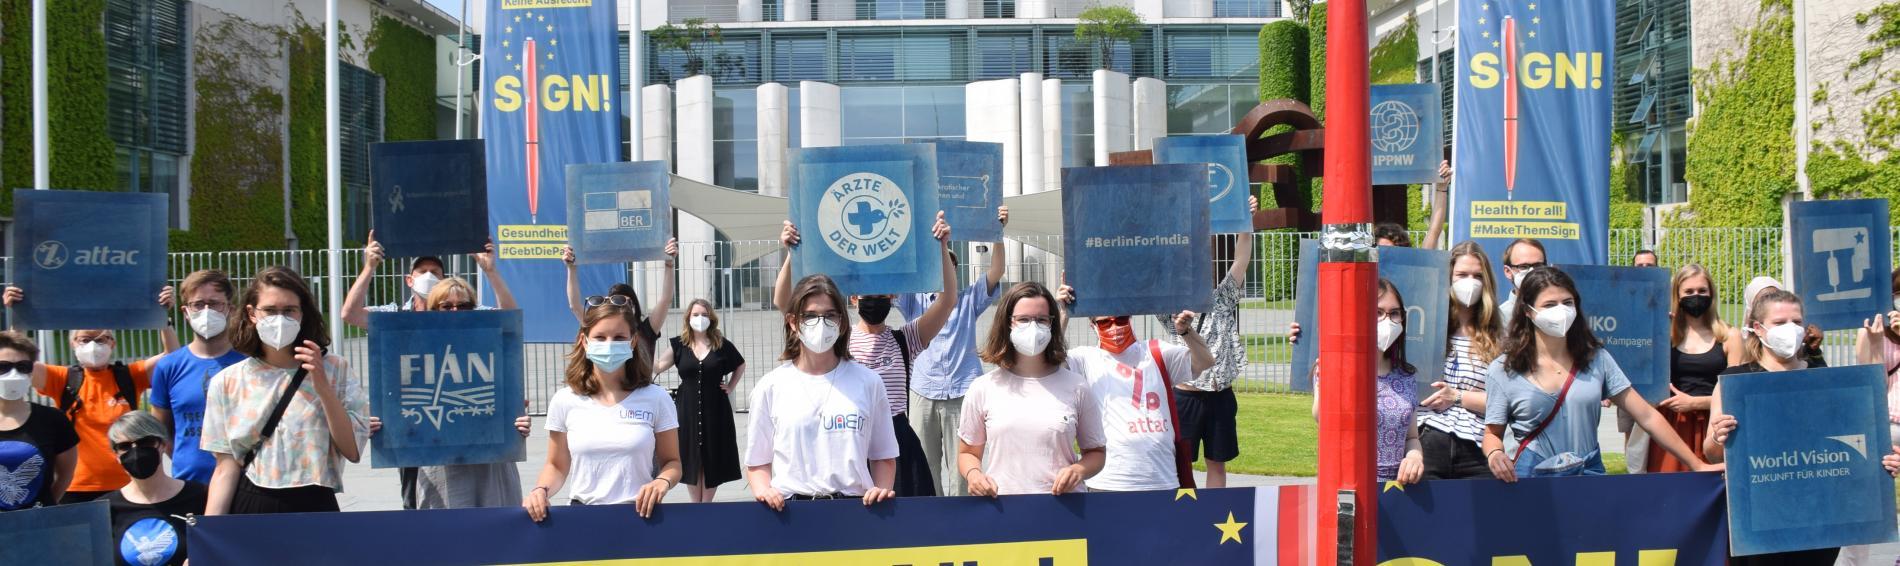 Protest vor dem Kanzleramt. Foto: Uwe Hiksch